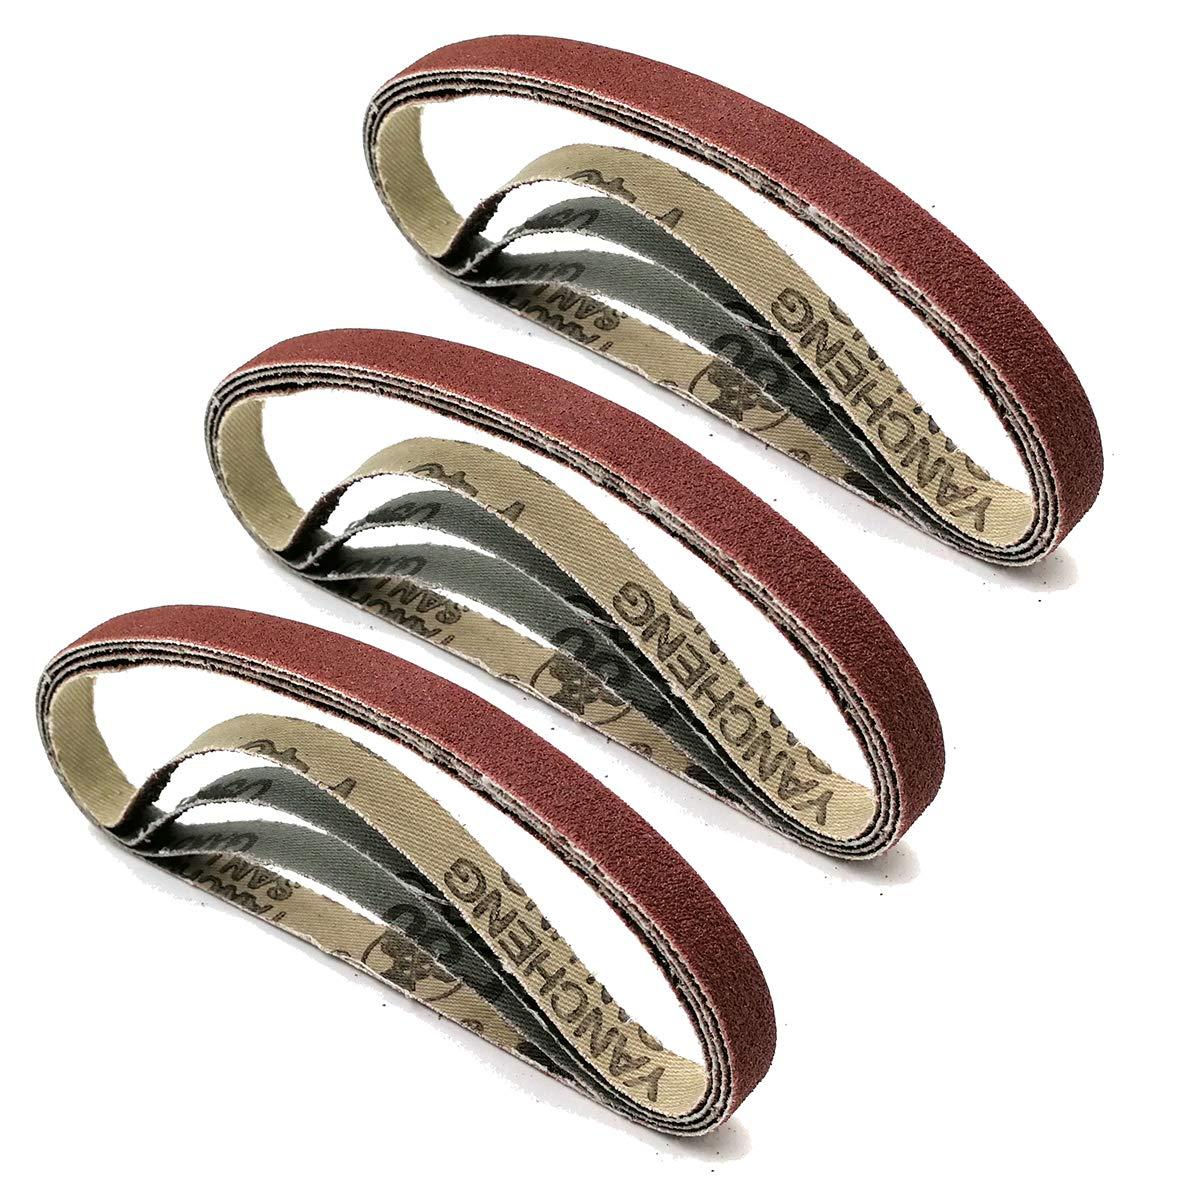 x 13in 120 Grit 10 Pack of 3//8in Air Sander Sanding Belts